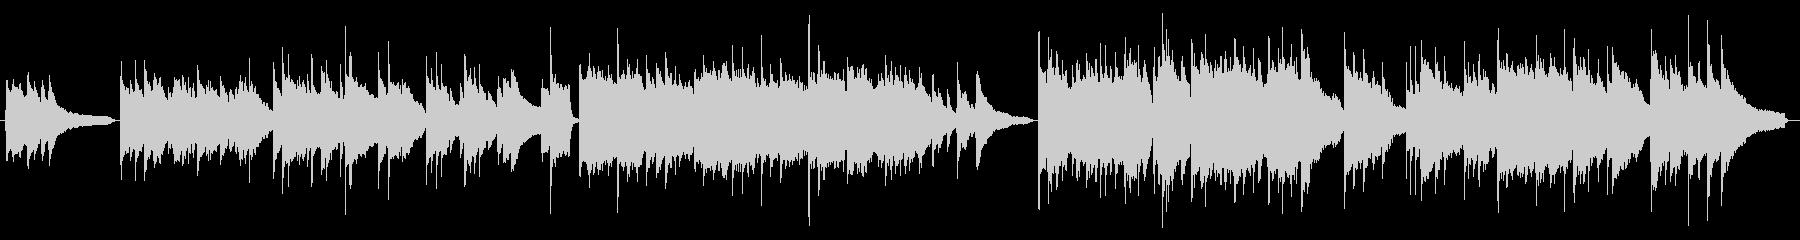 物語性のある場面を【ピアノ】で演出の未再生の波形